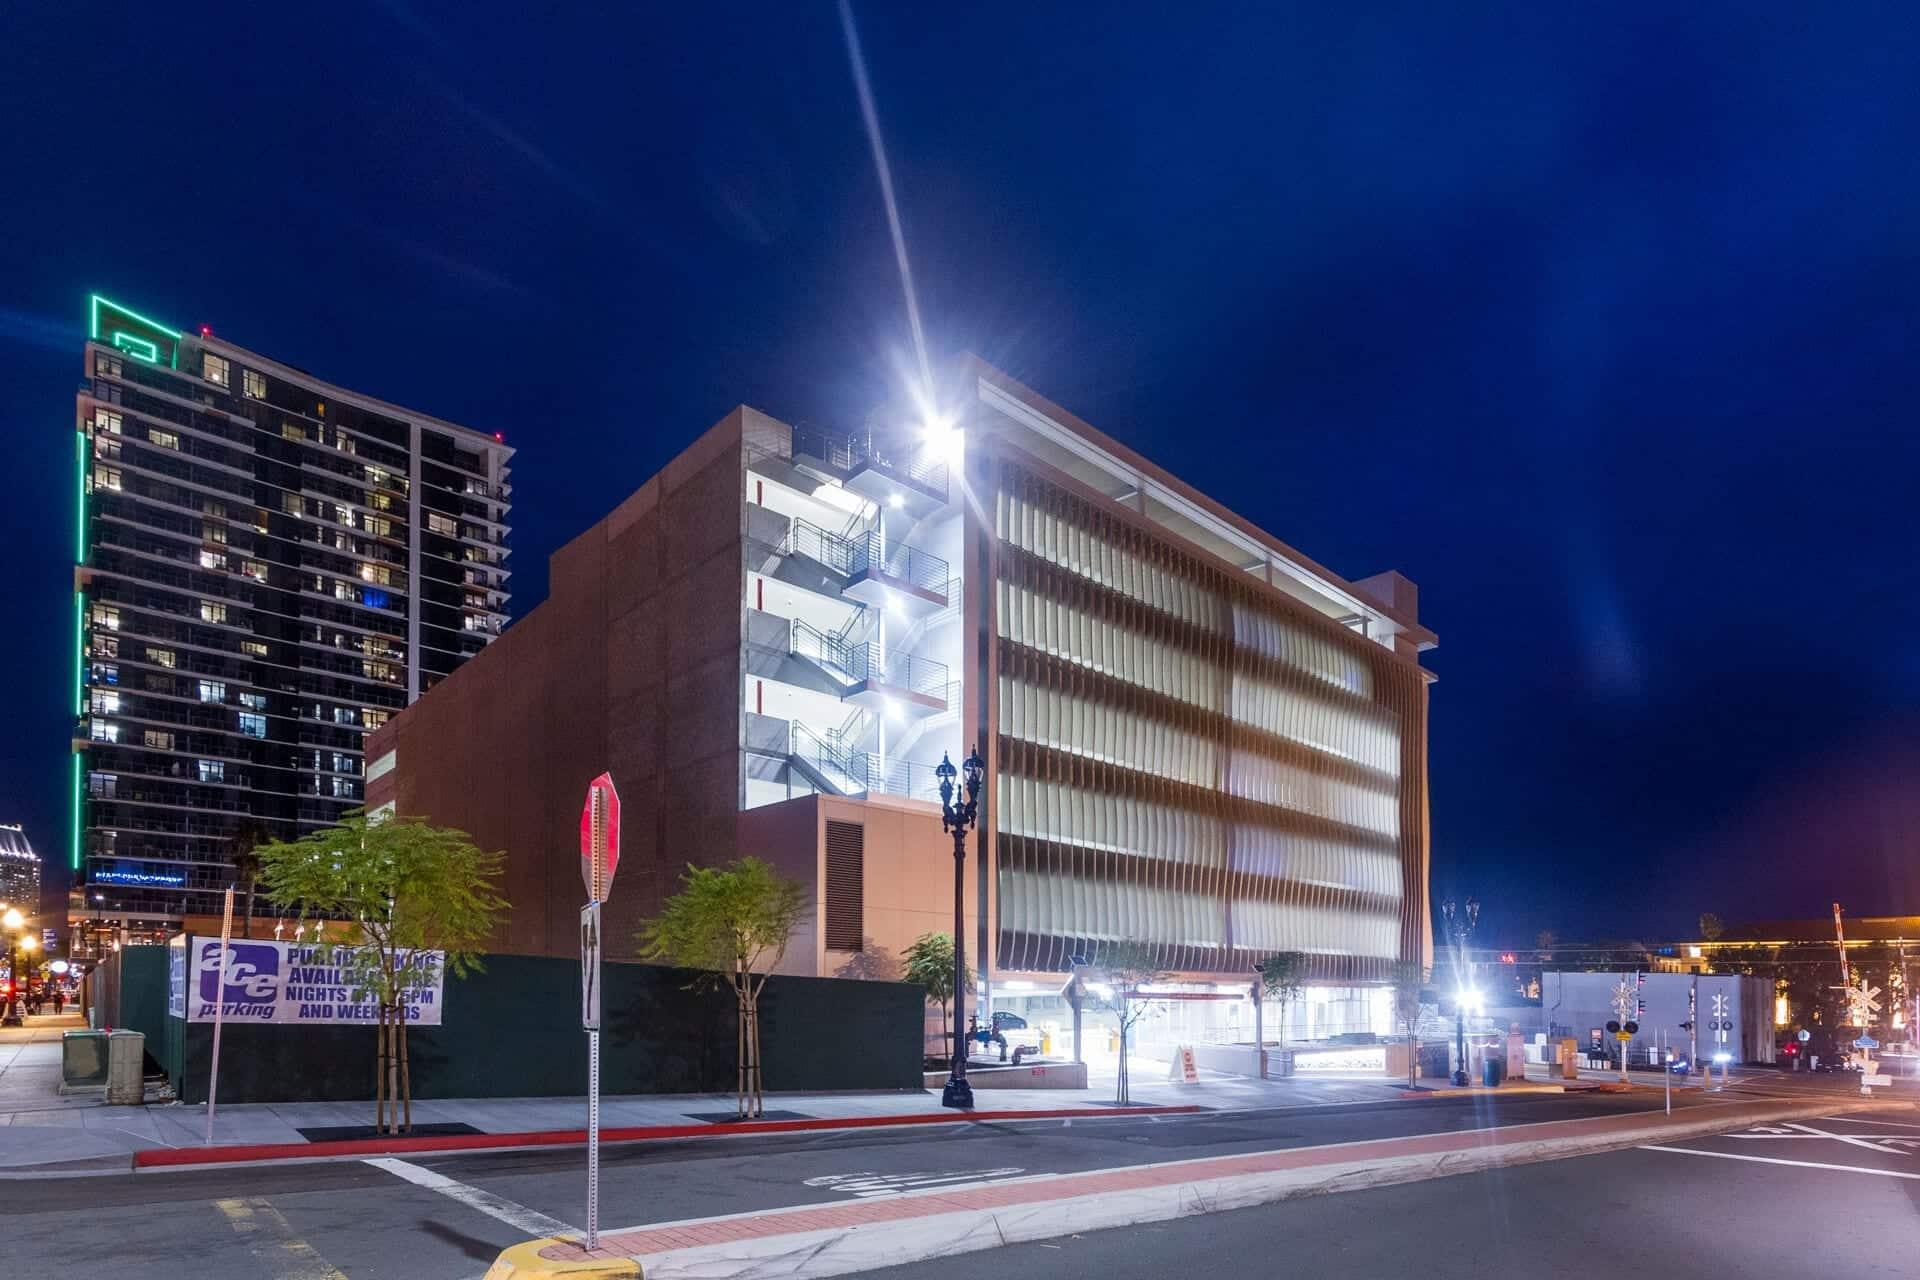 Cedar Kettner Parking Structure in San Diego, California.